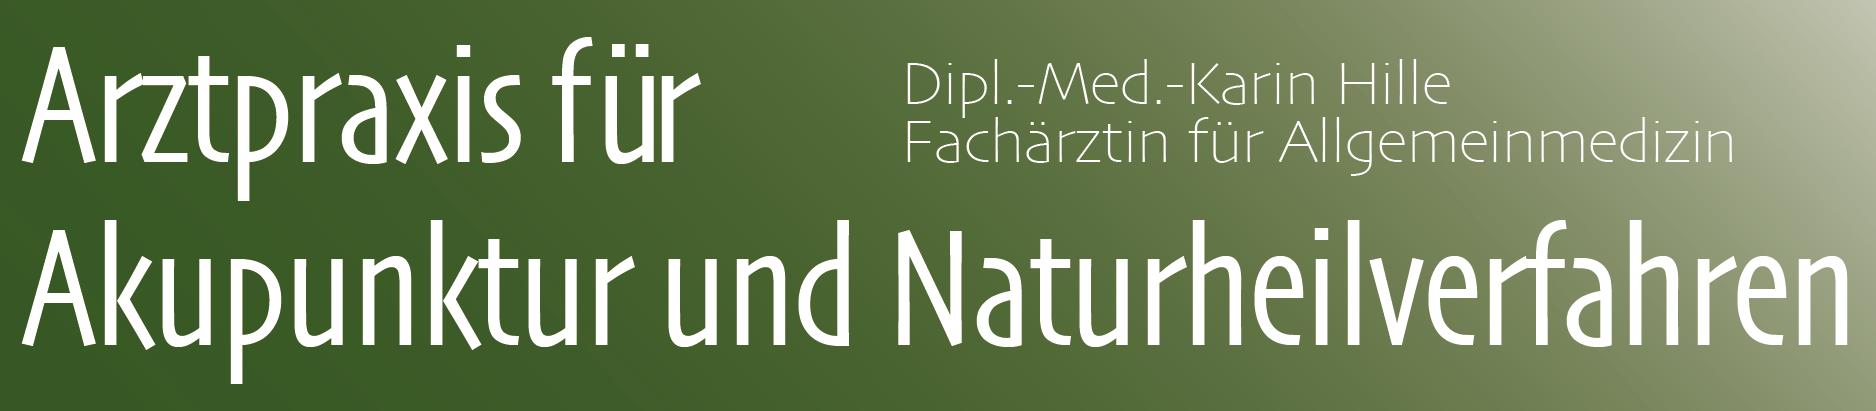 Arztpraxis für Akupunktur und Naturheilverfahren